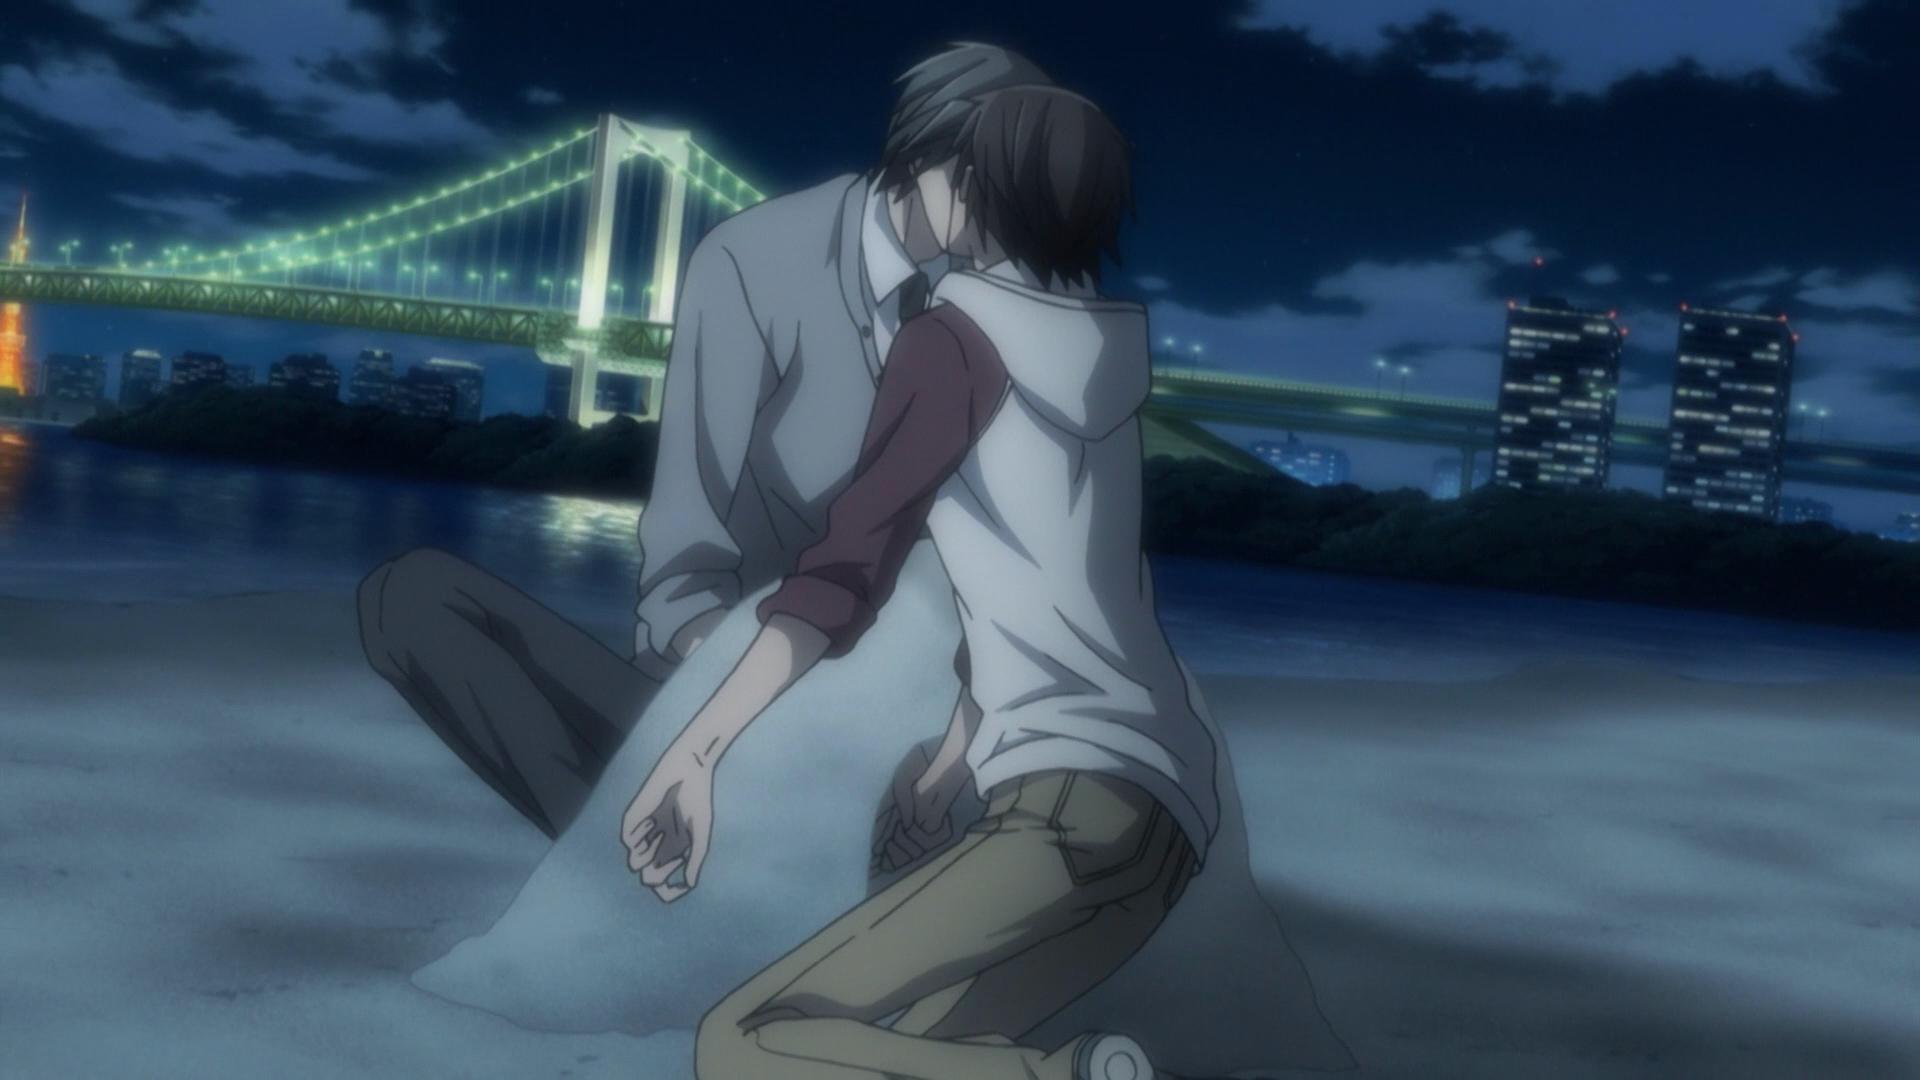 Junjou Romantica 3 E02 (15)